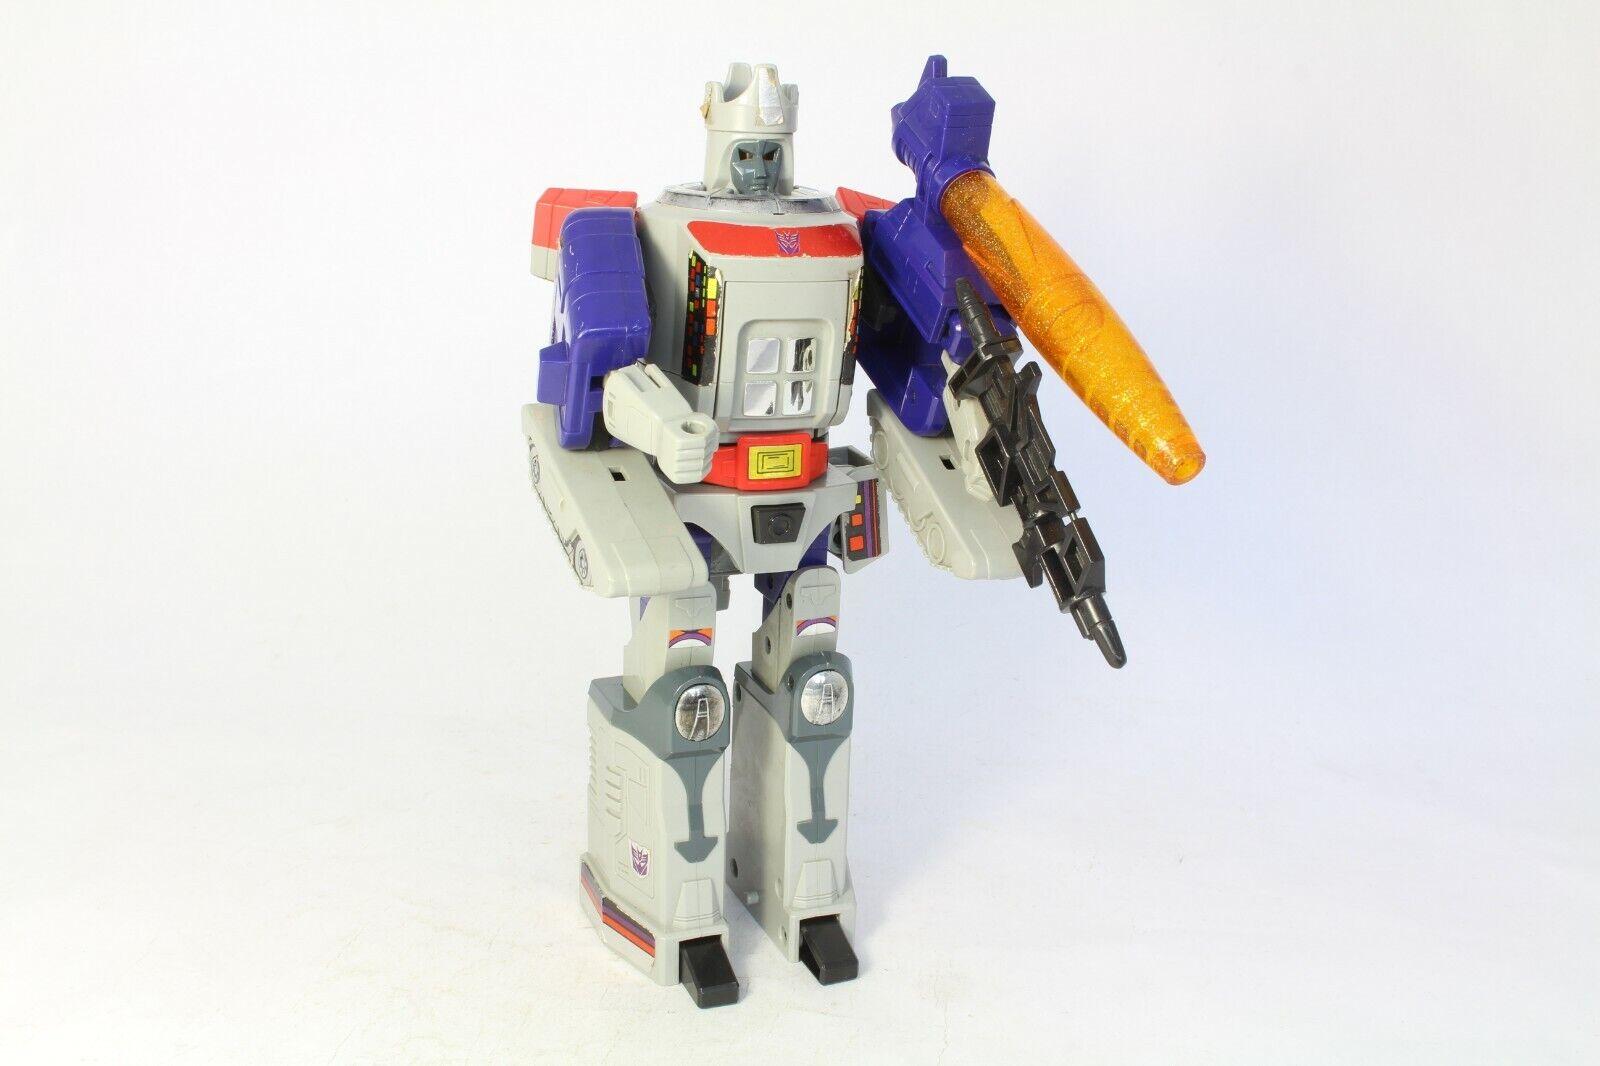 ahorra hasta un 70% Transformers G1 Galvatron Original Takara electrónica de de de trabajo completa  producto de calidad